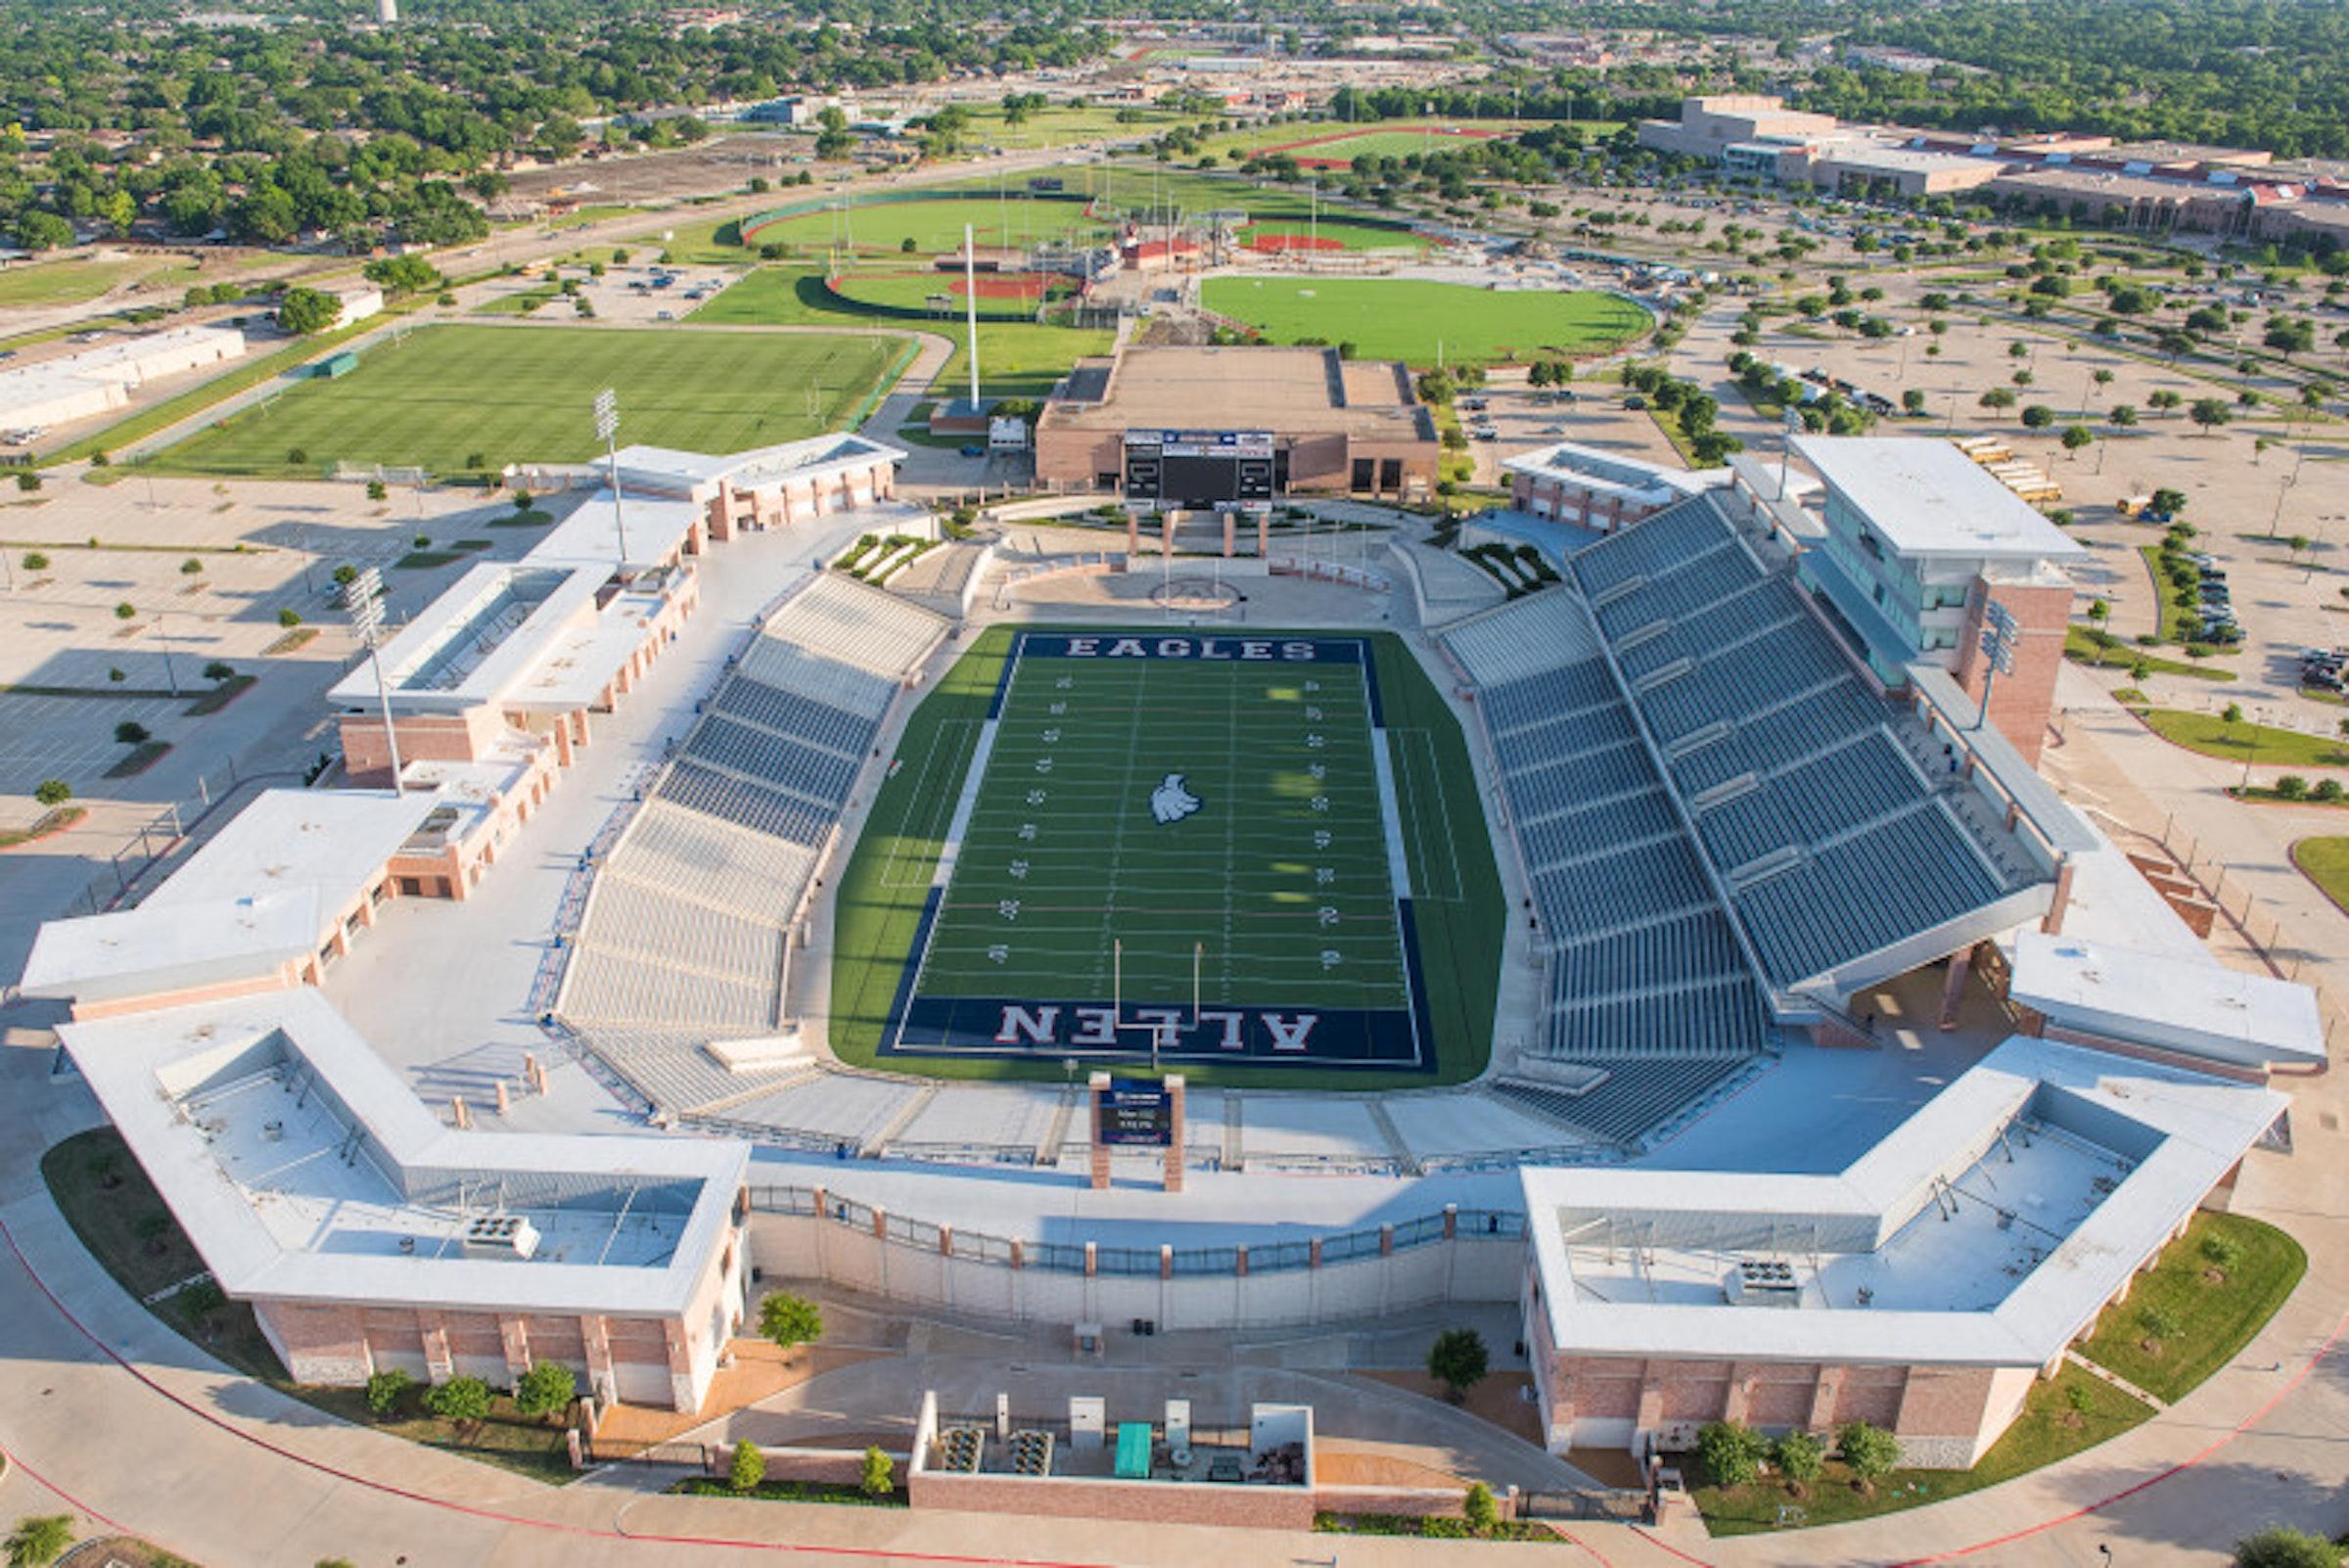 Allen Eagle Stadium in Beyond Dallas